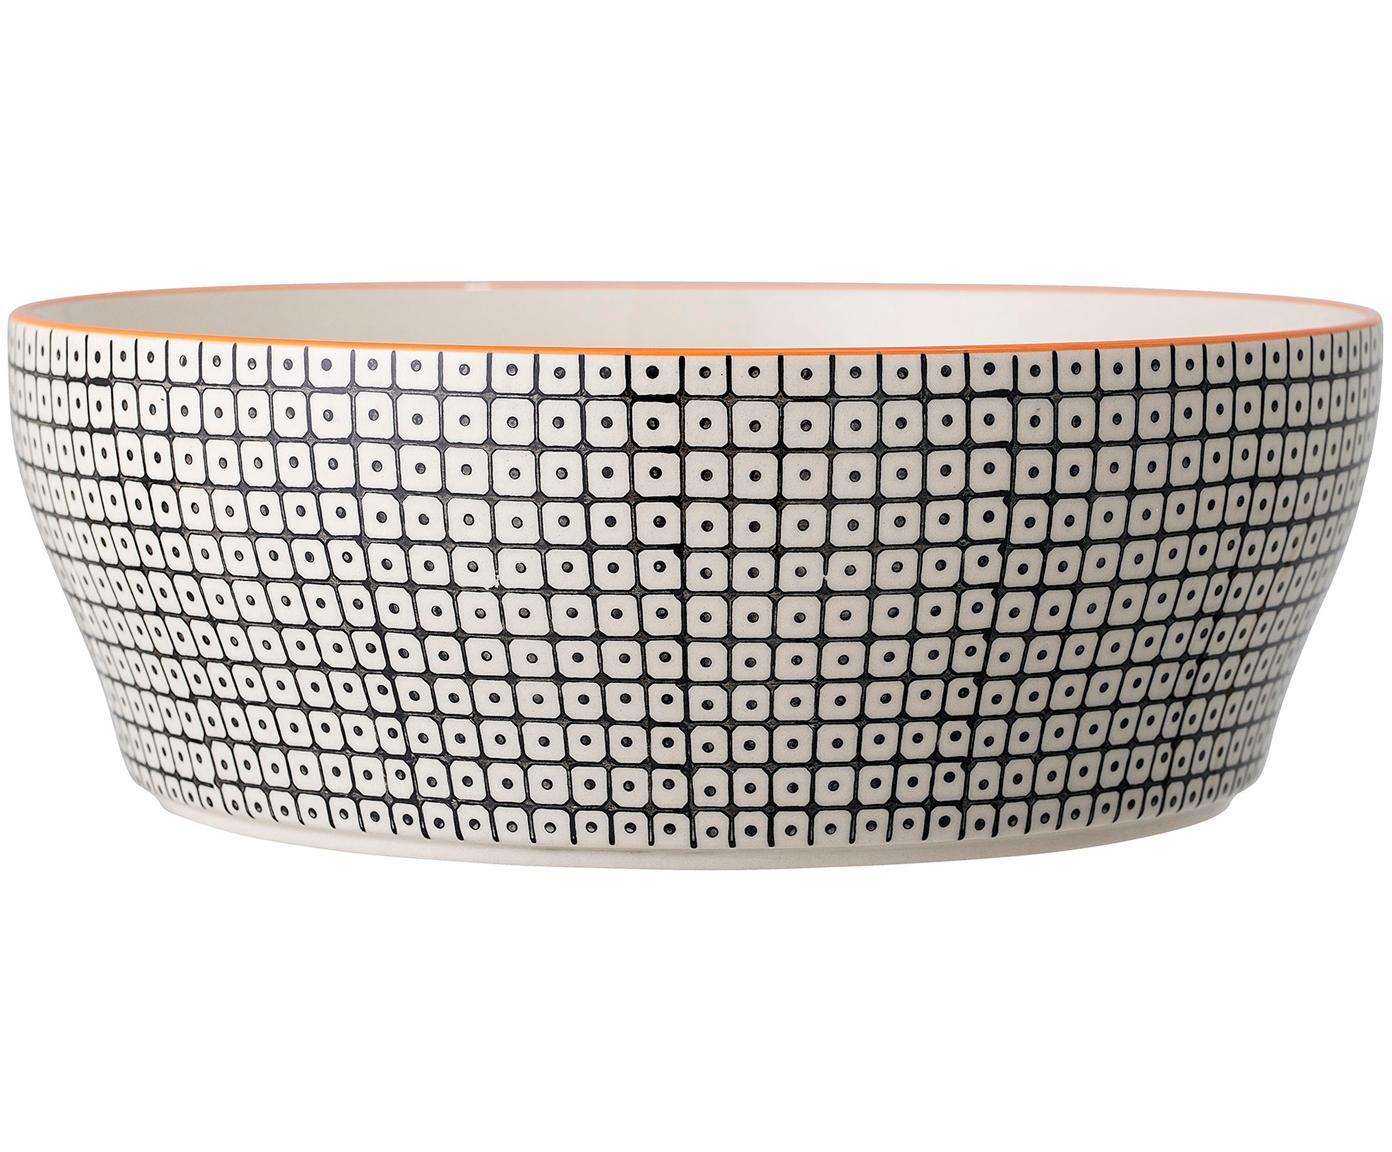 Schale Carla mit kleinem Muster, Steingut, Schwarz, Weiß, Rot, Ø 29 x H 10 cm